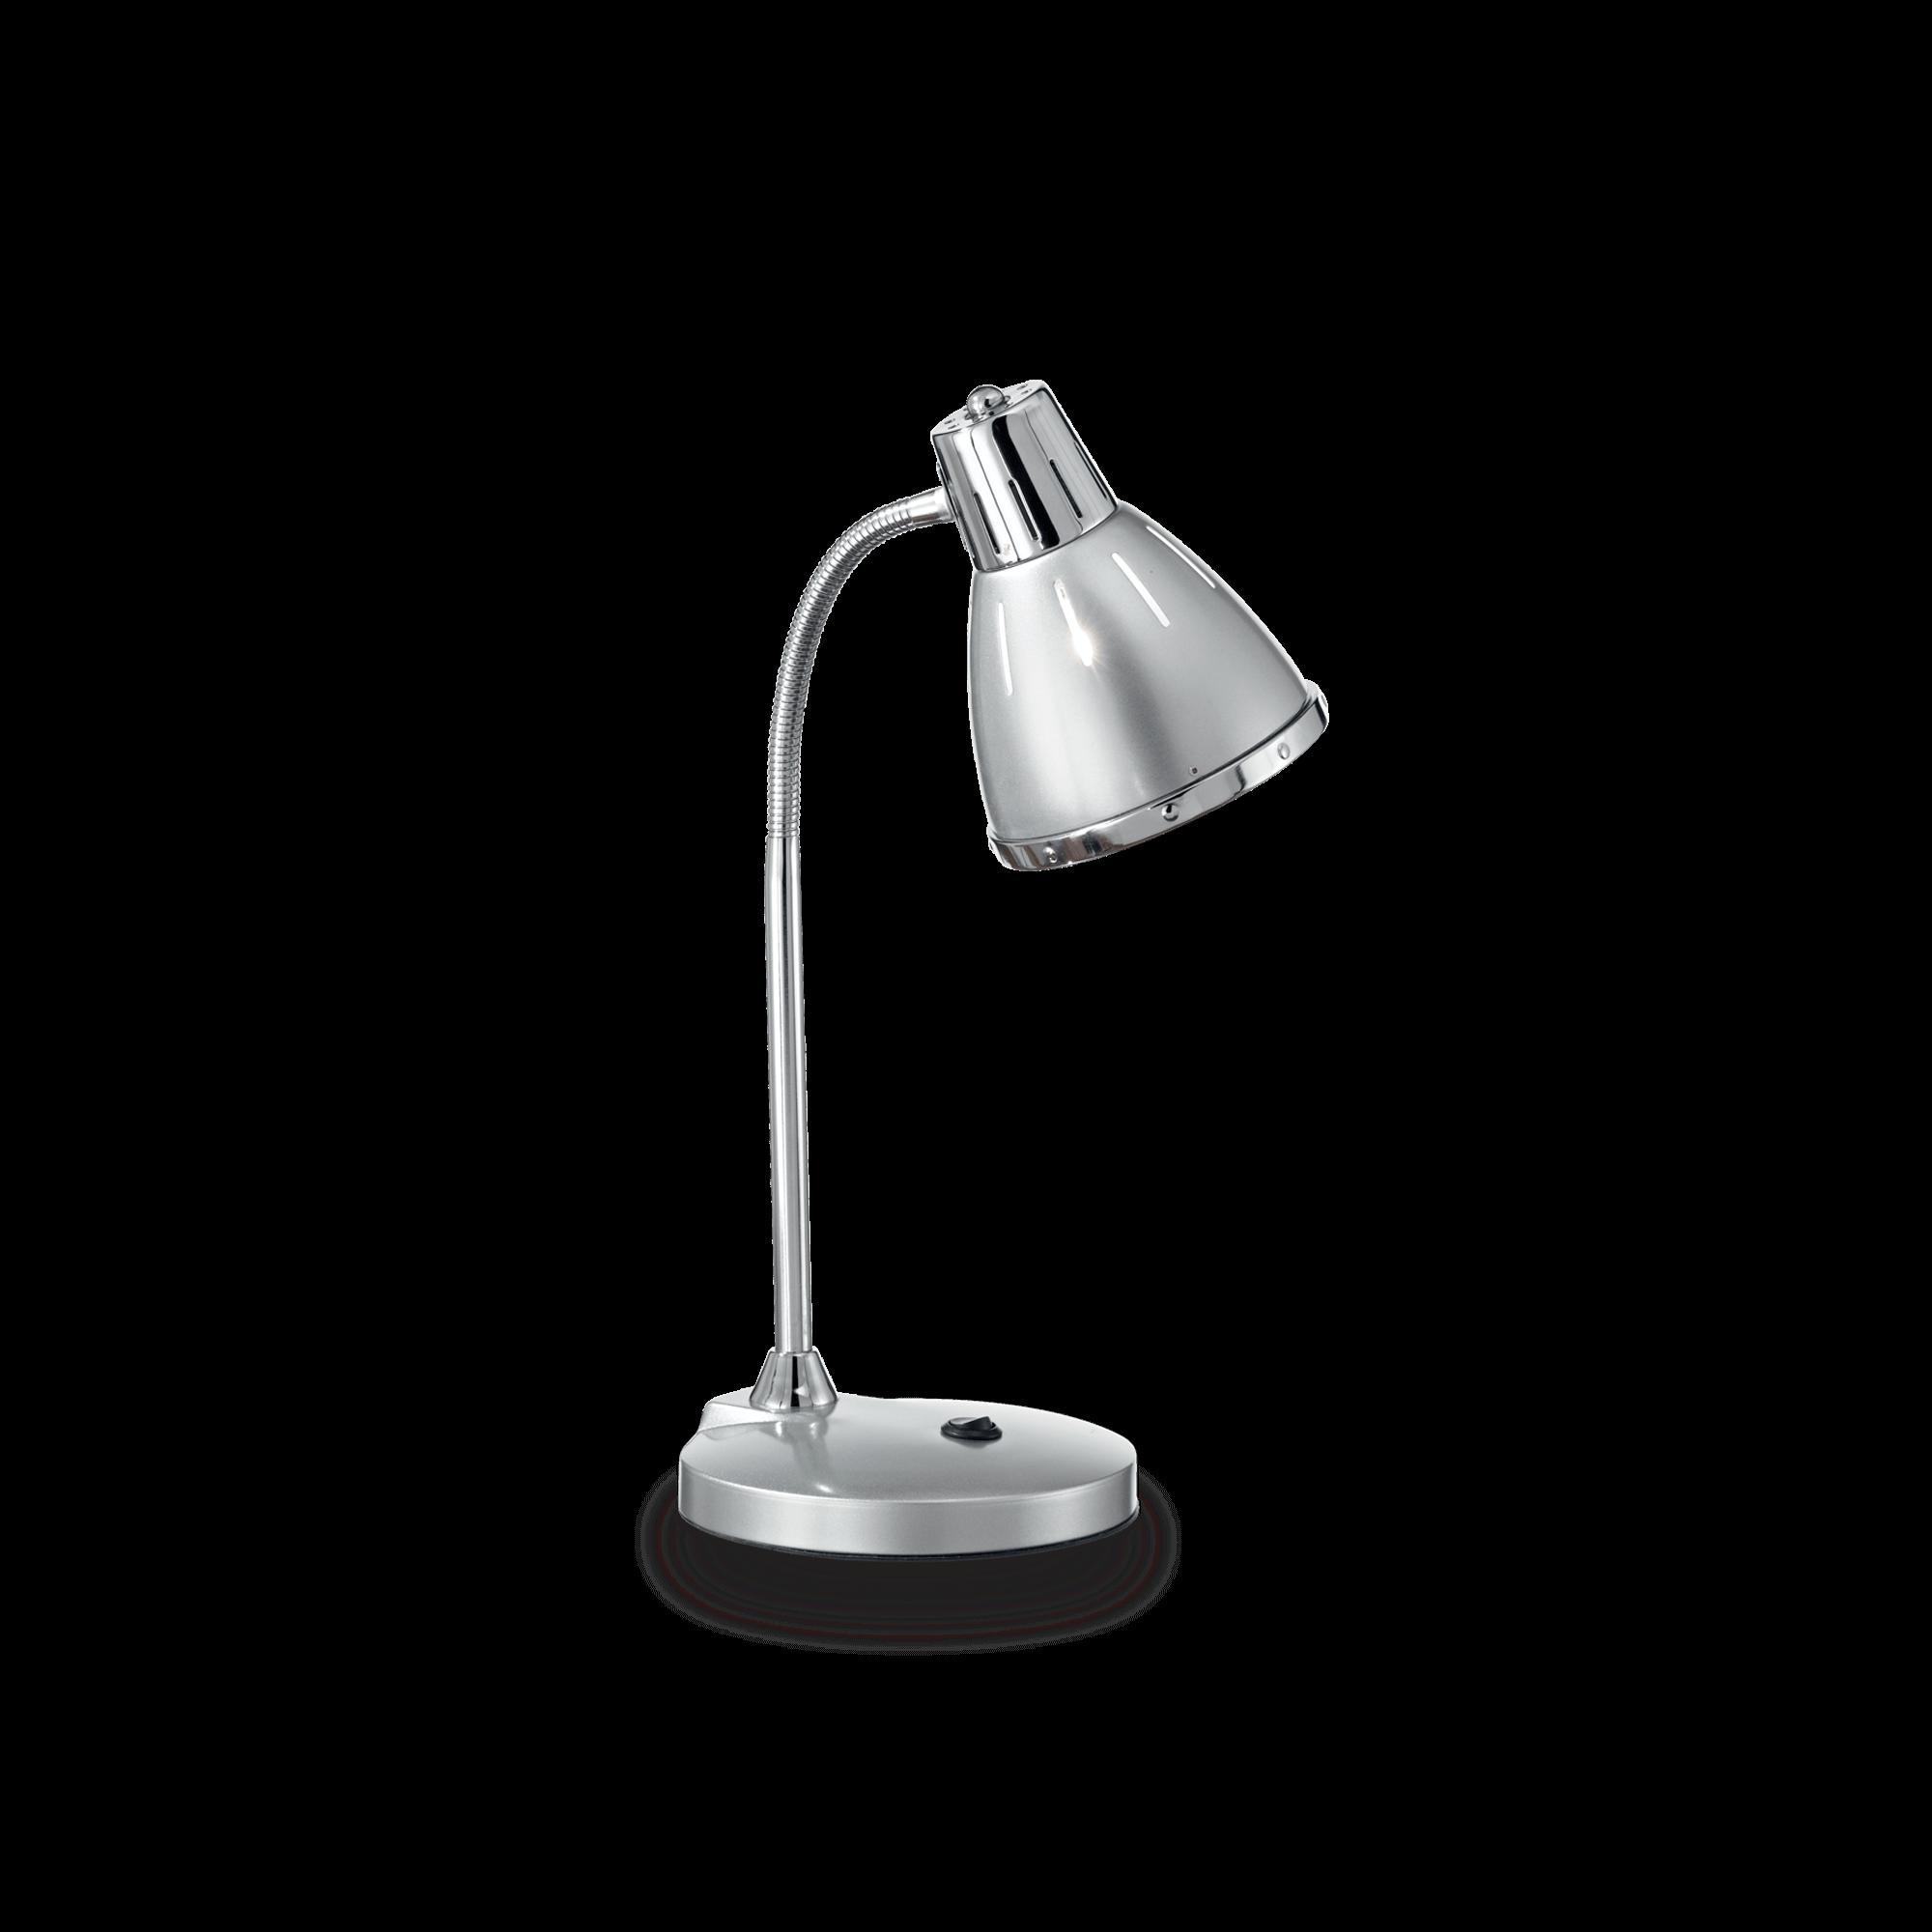 Ideal Lux 034416 Elvis TL1 Argento asztali lámpa